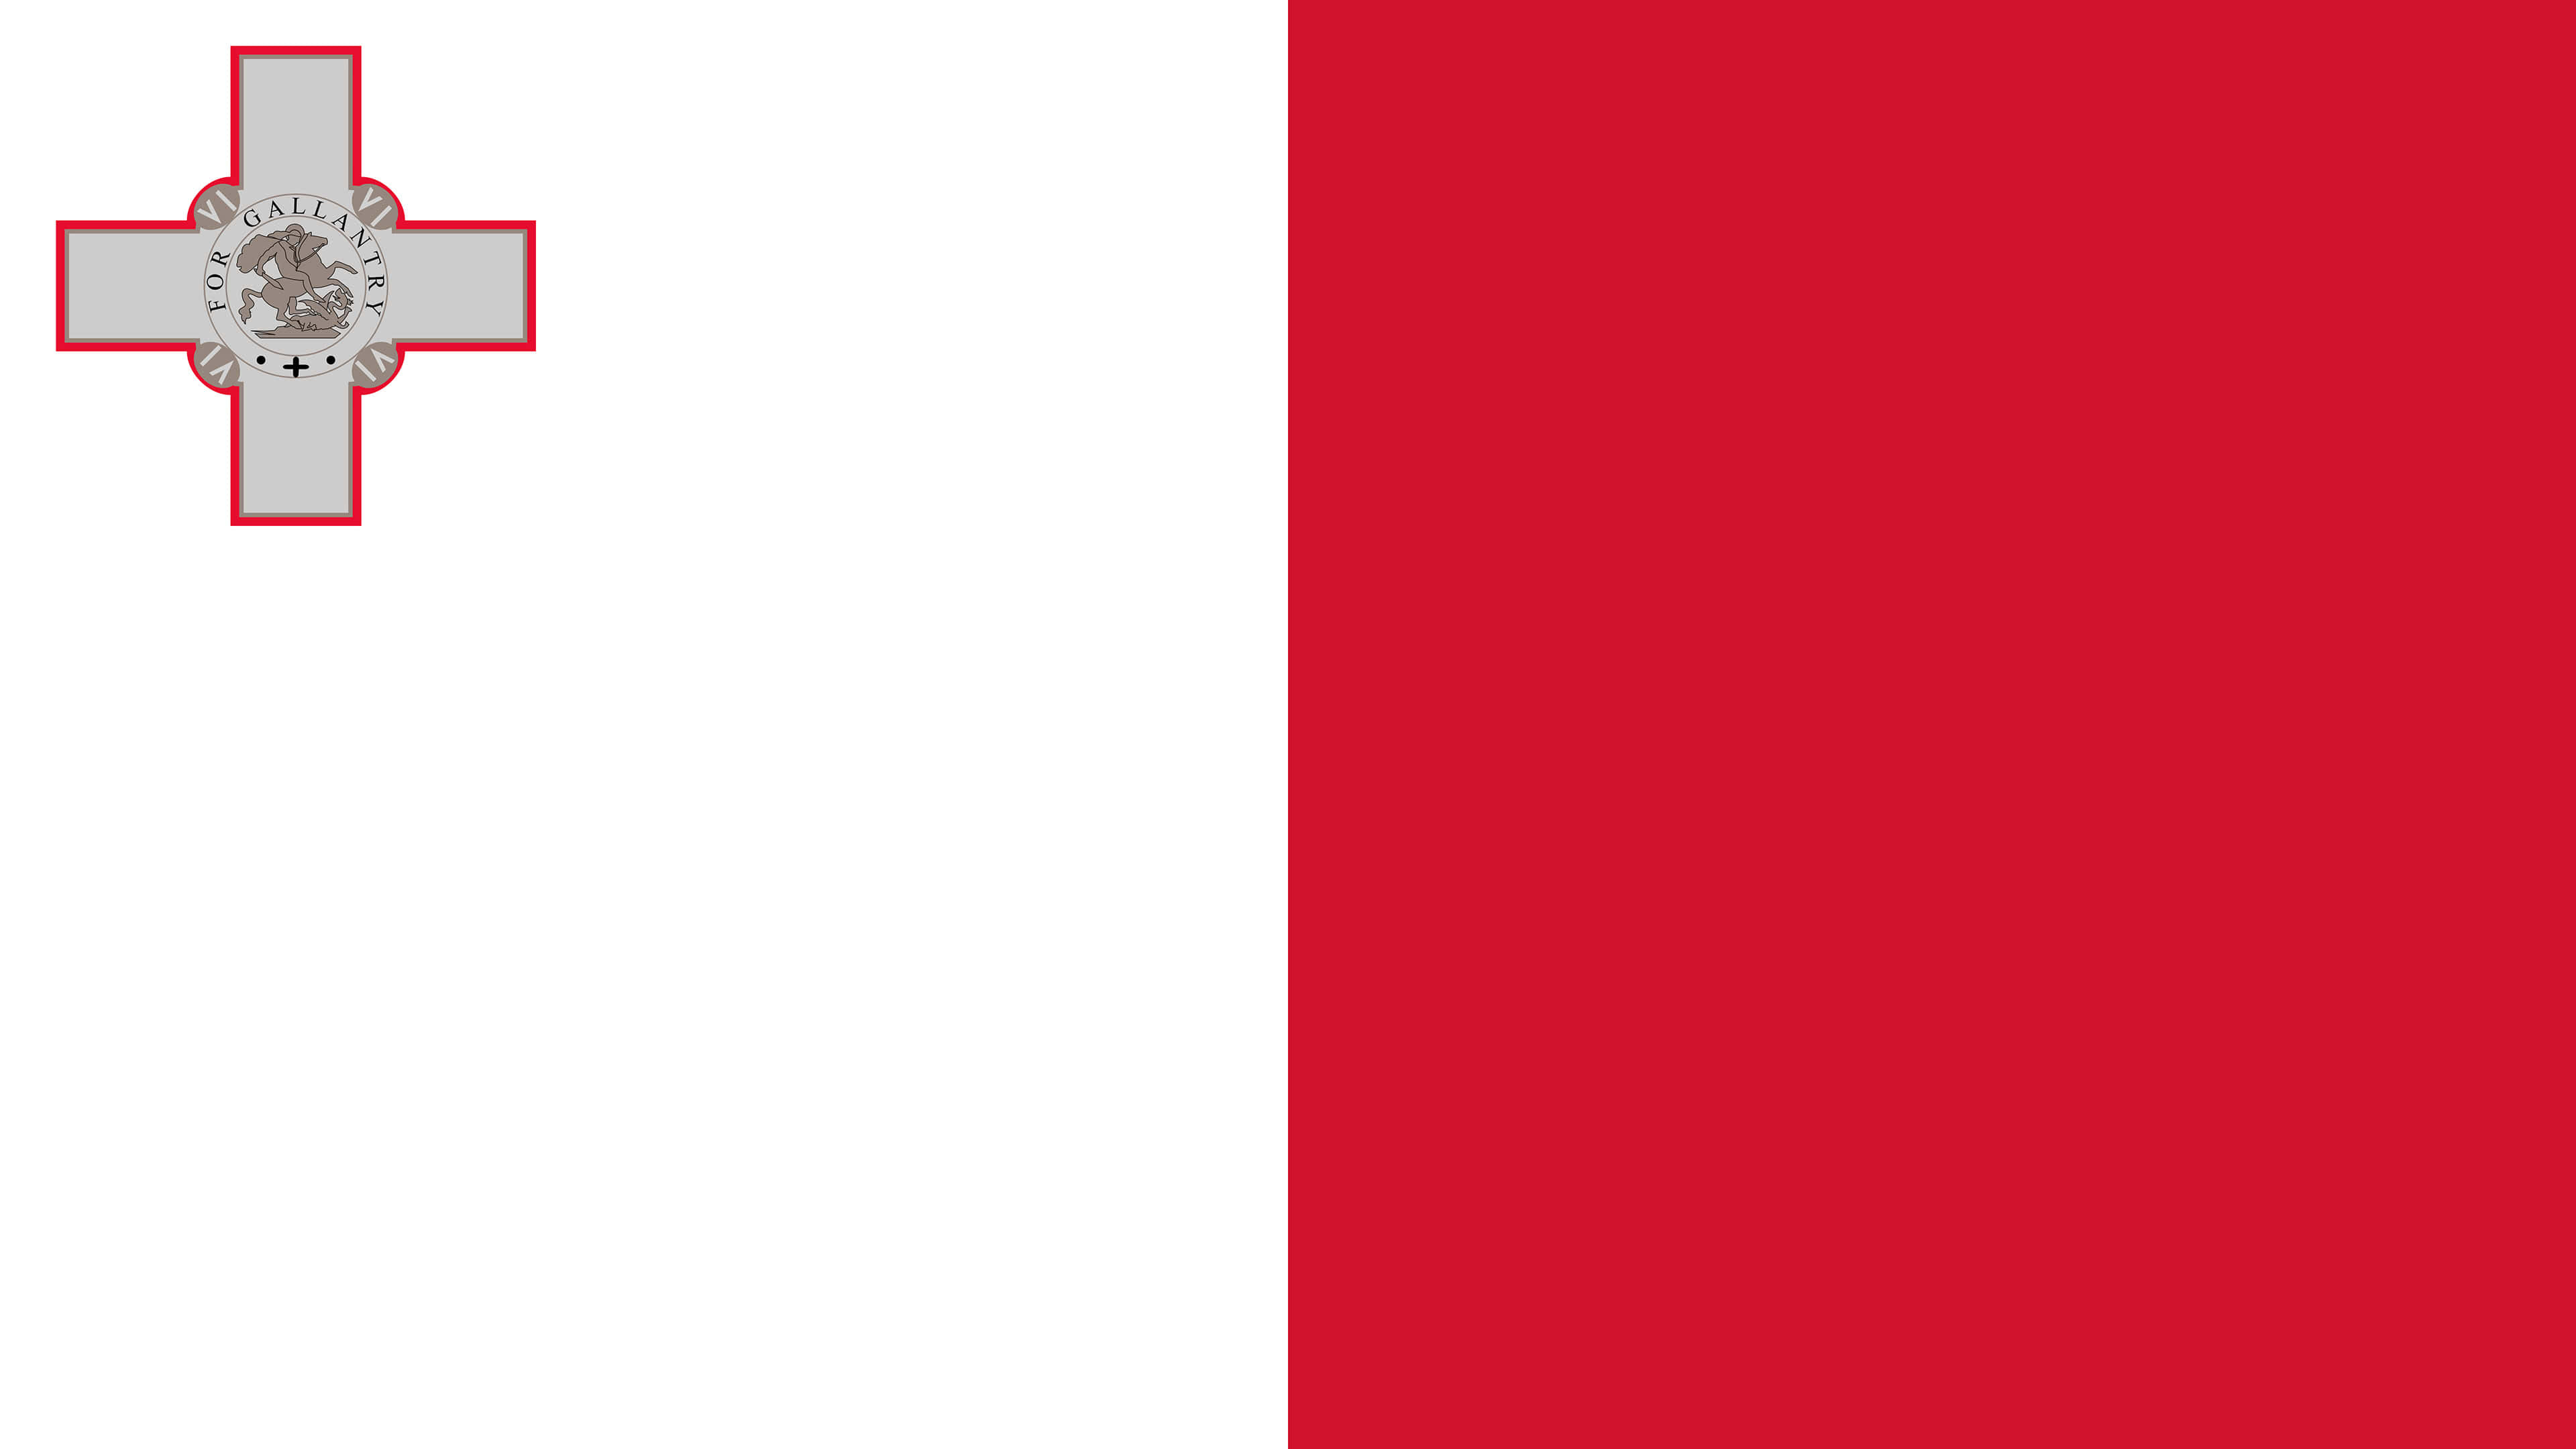 malta flag uhd 4k wallpaper